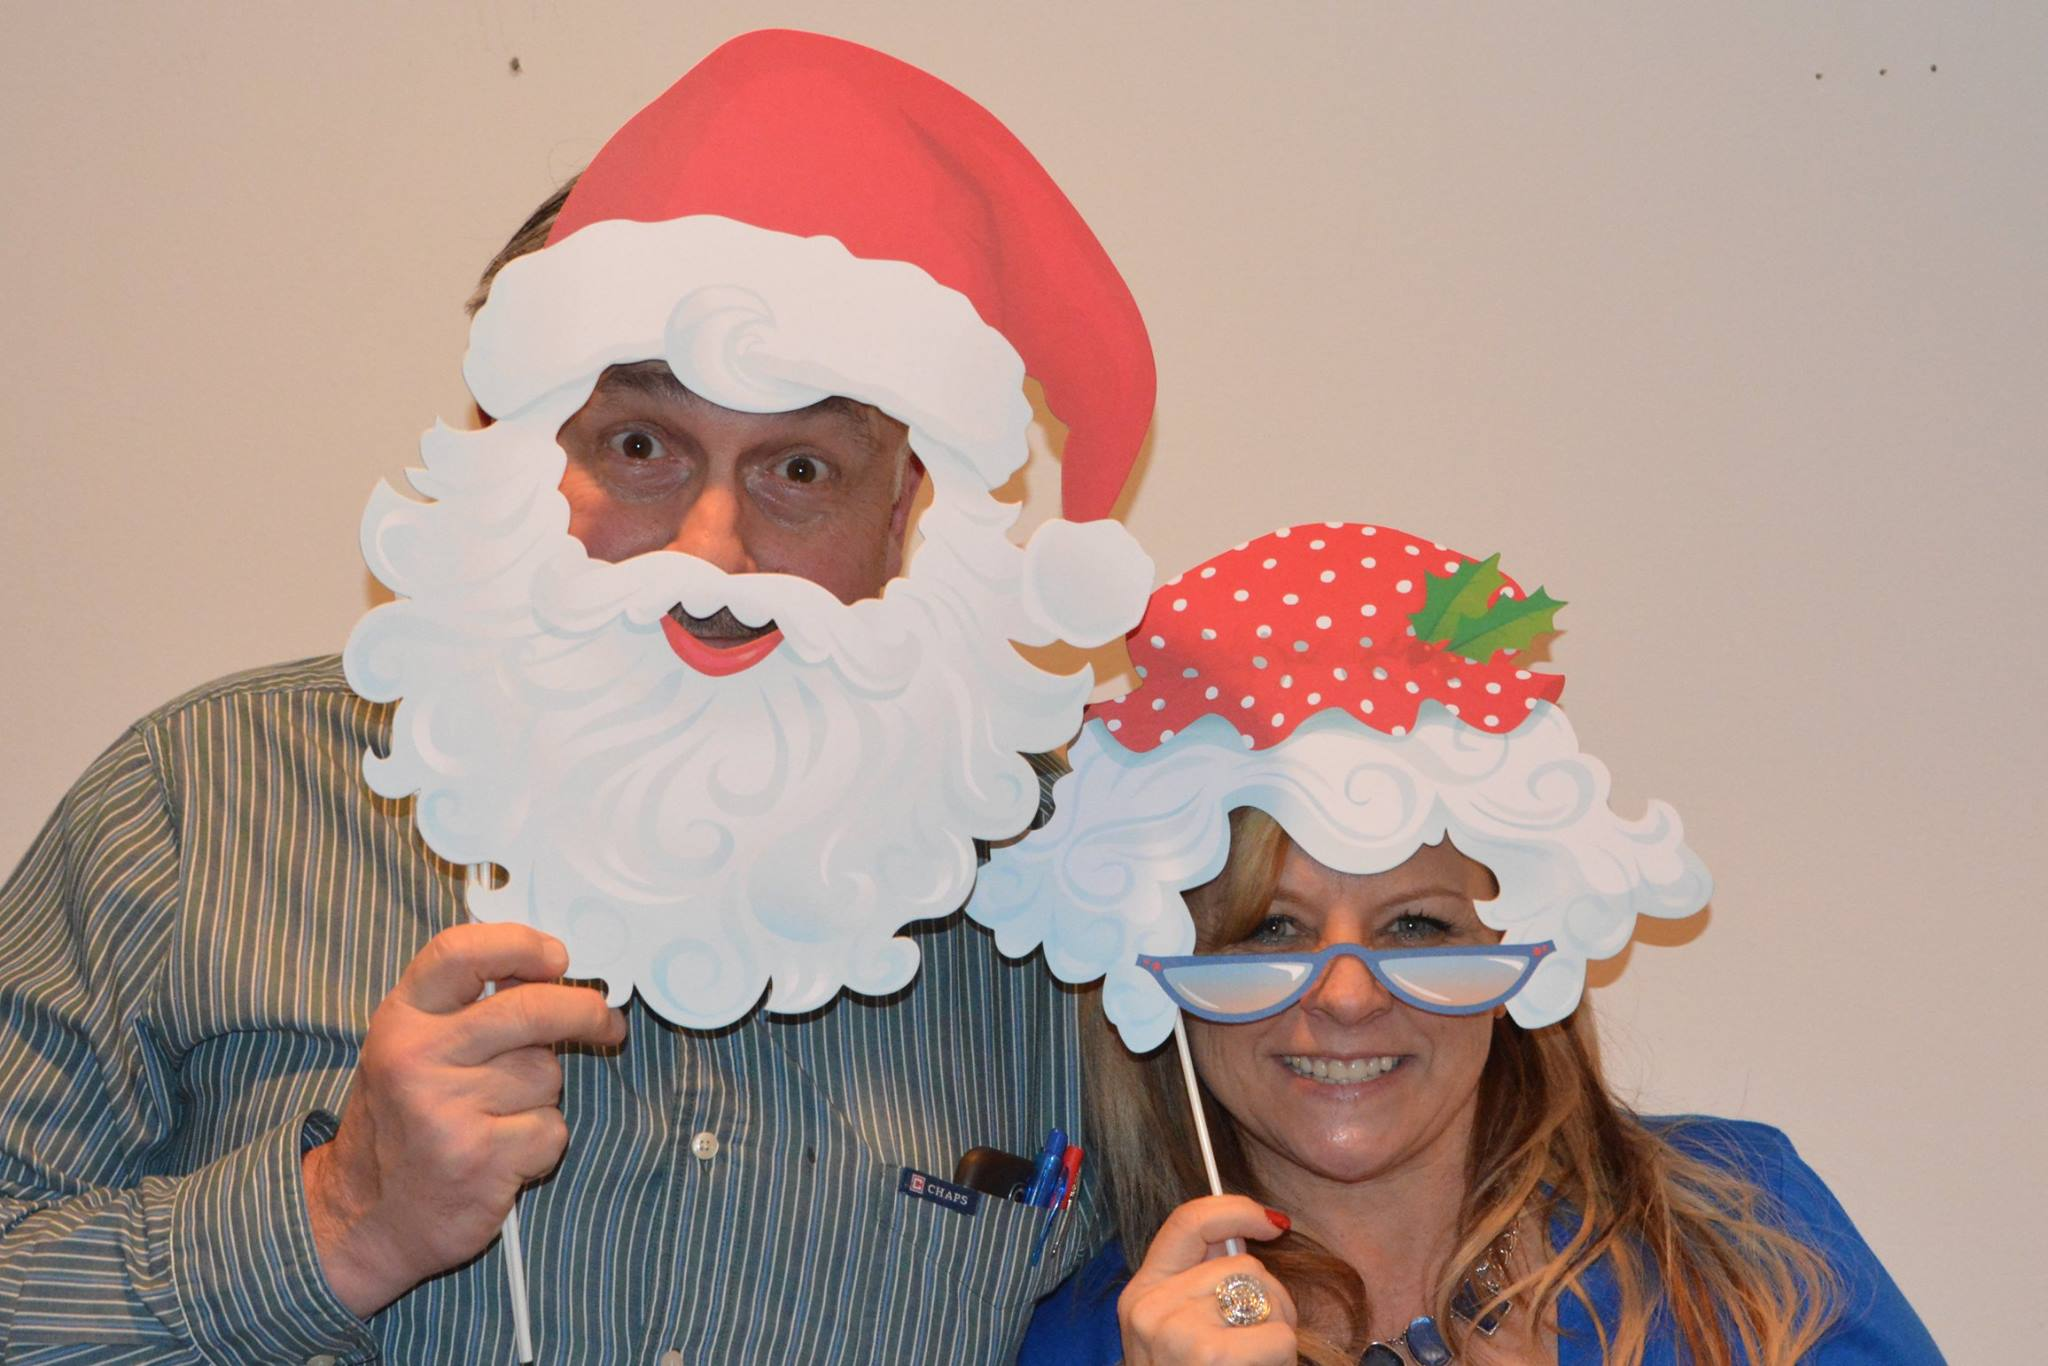 Christmas Pete and Paula